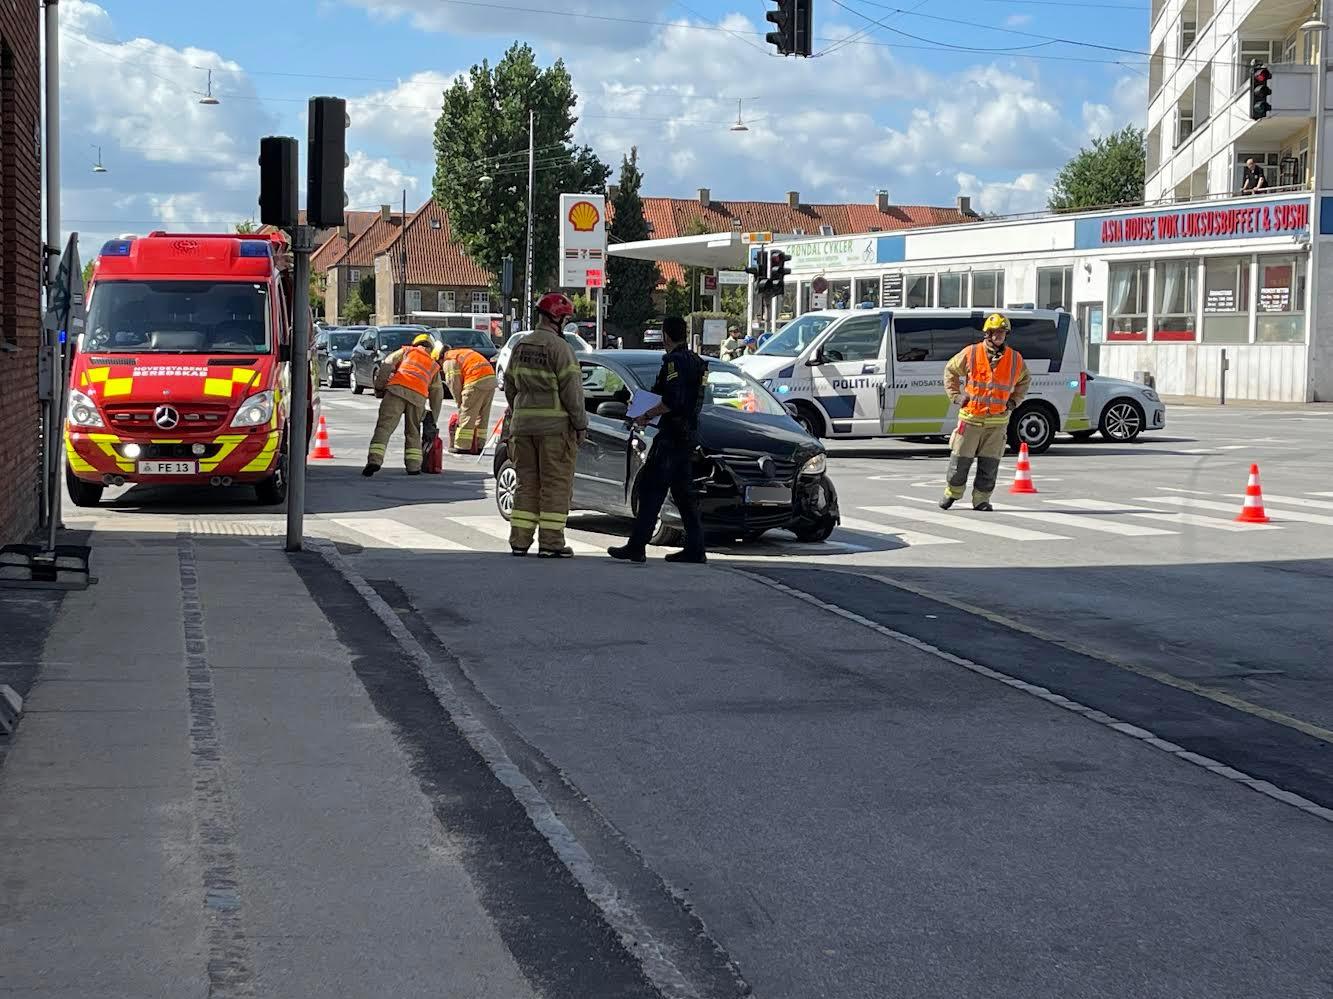 Voldsomt færdselsuheld i København - flere implicerede